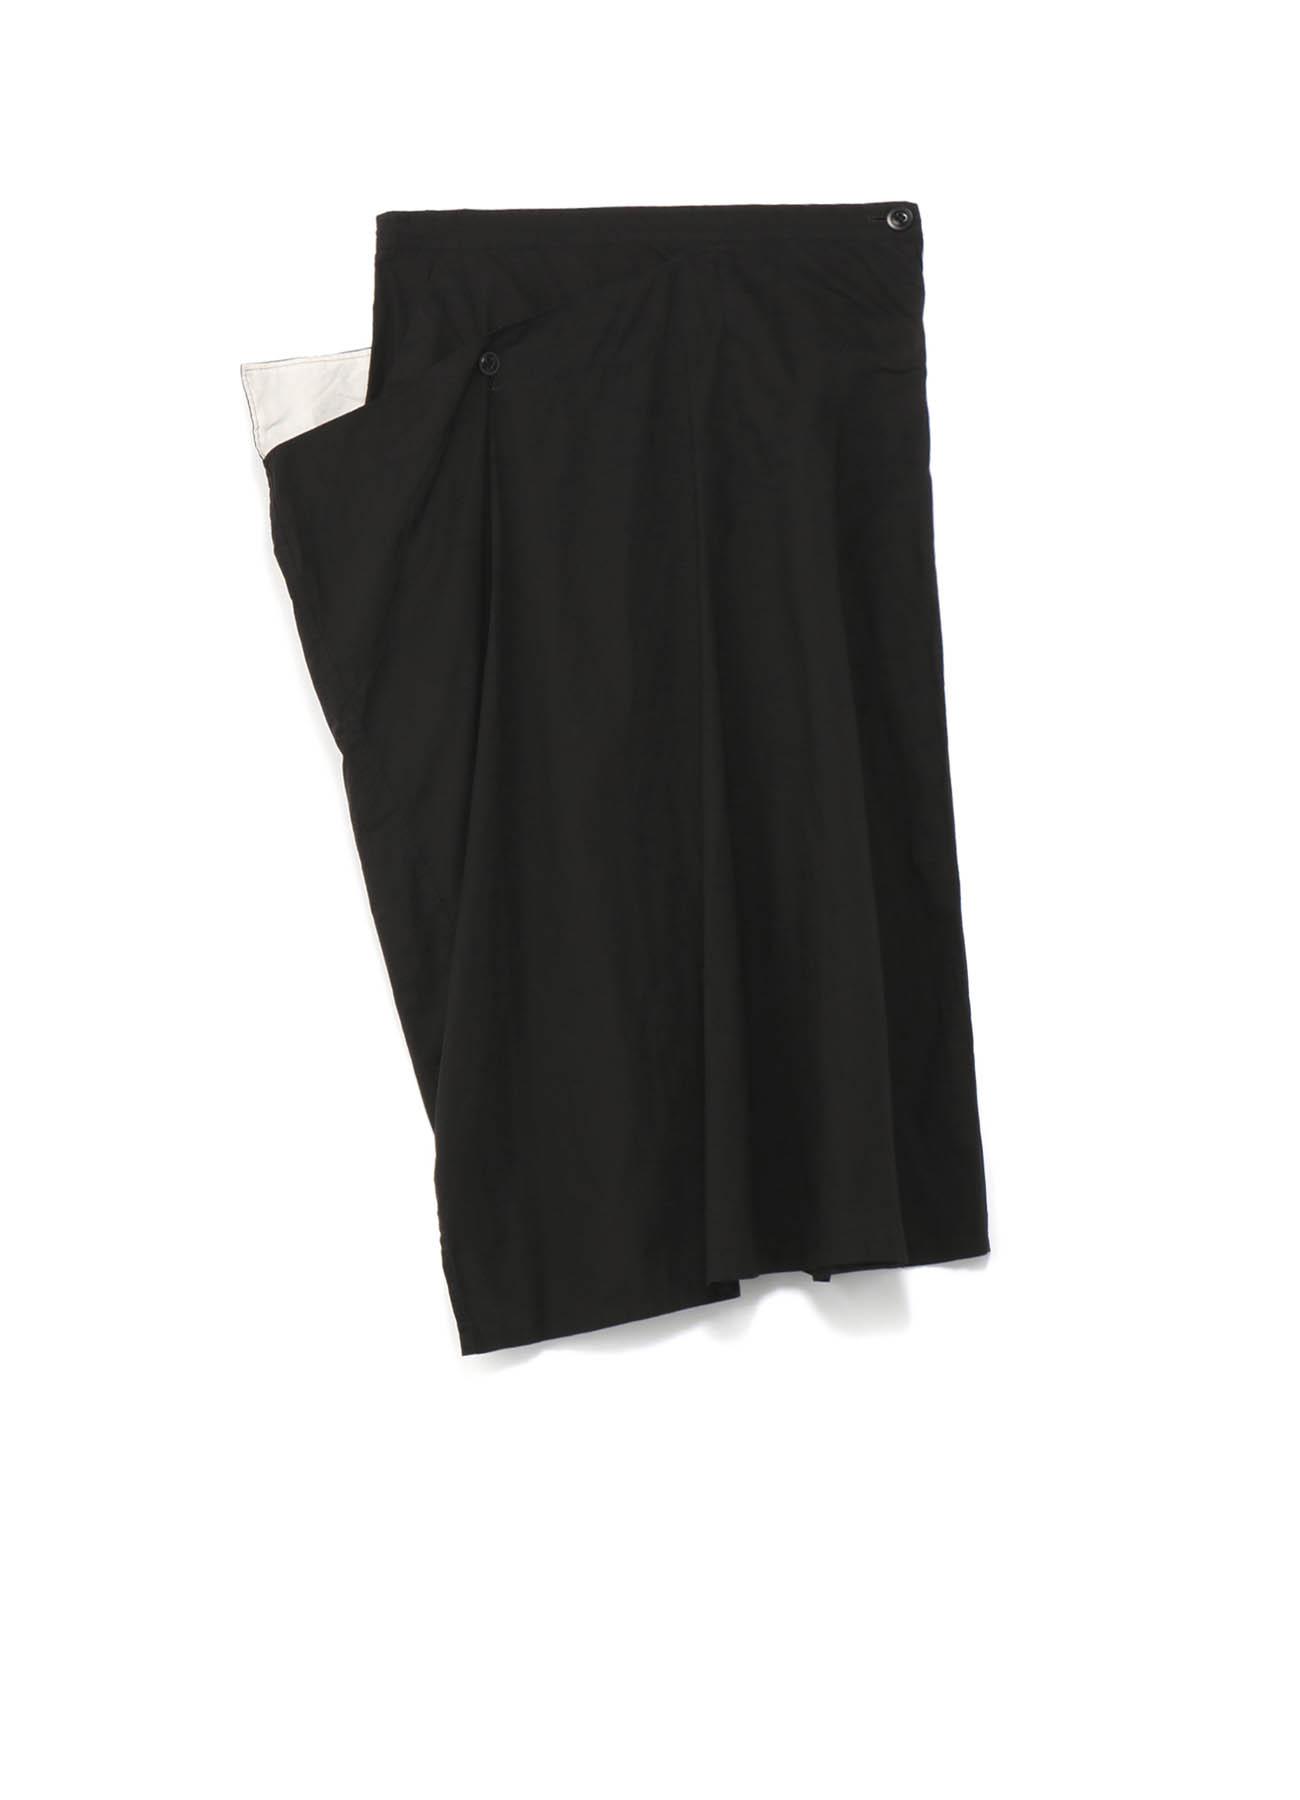 倾斜口袋不对称半身裙